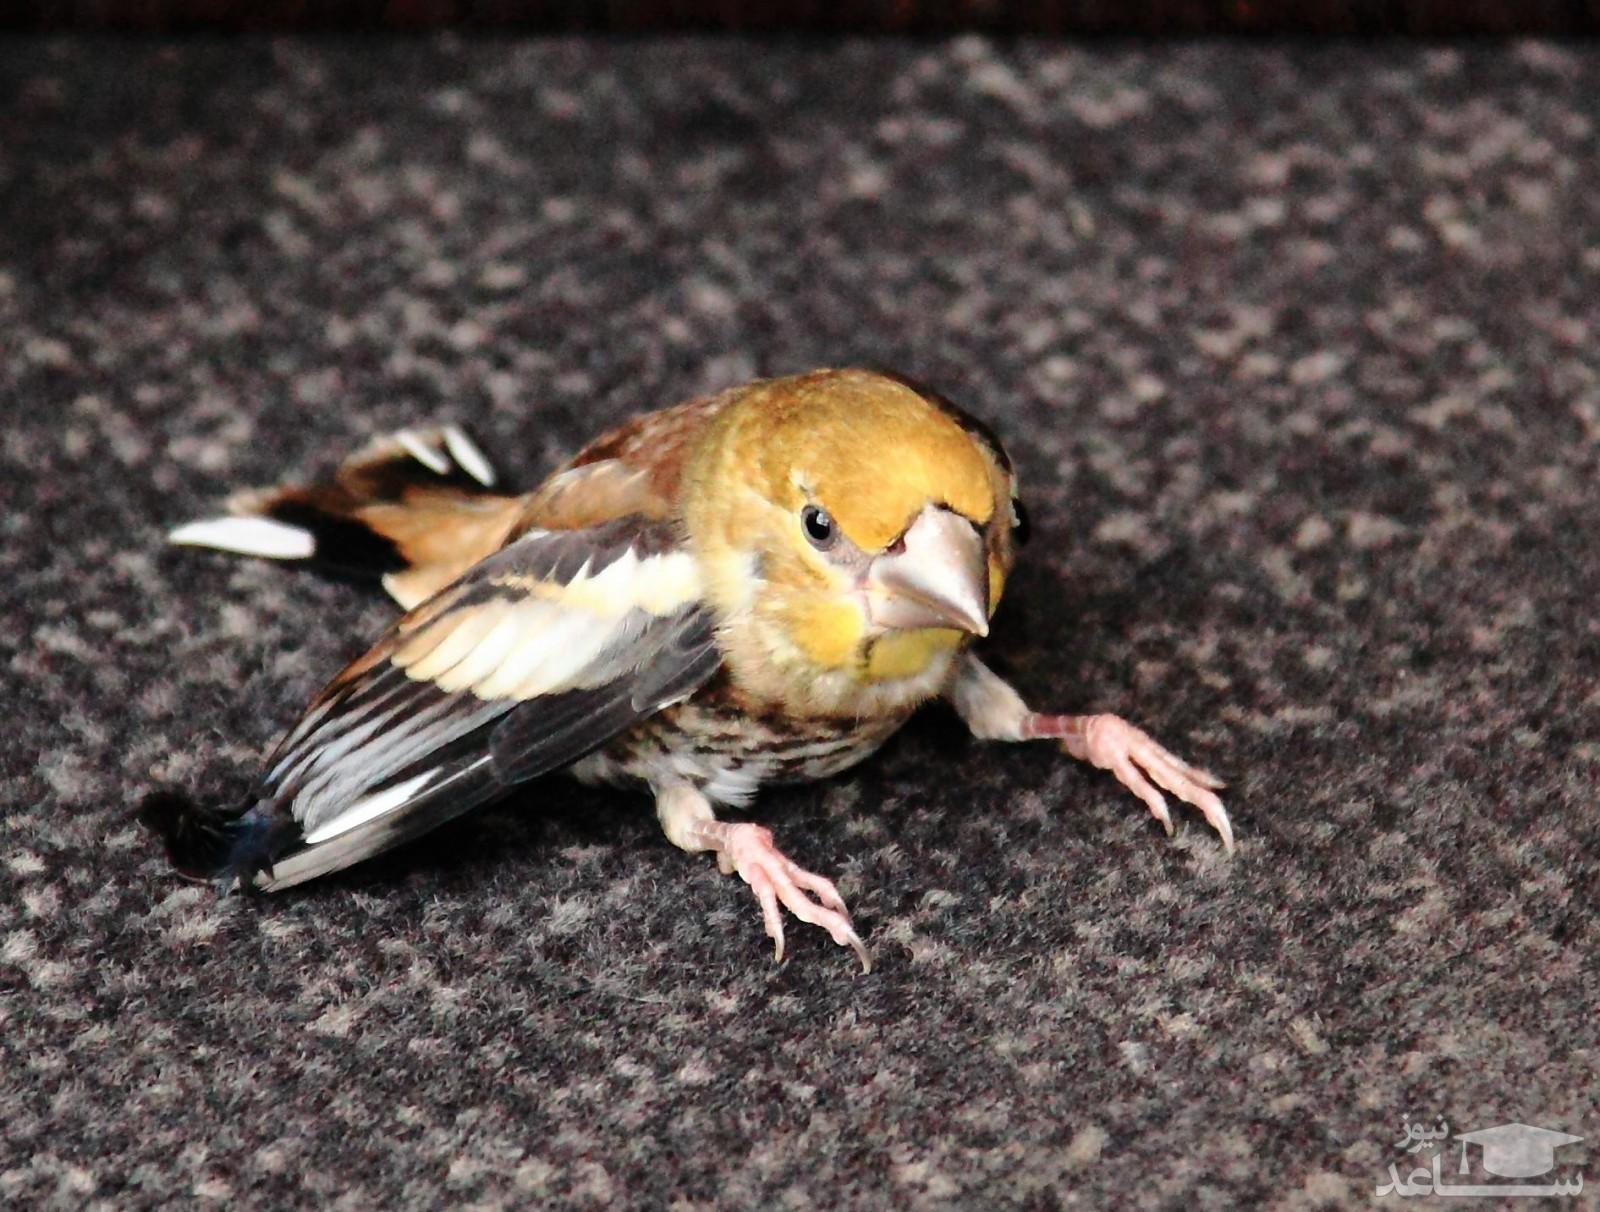 نشانه های مریض بودن پرنده